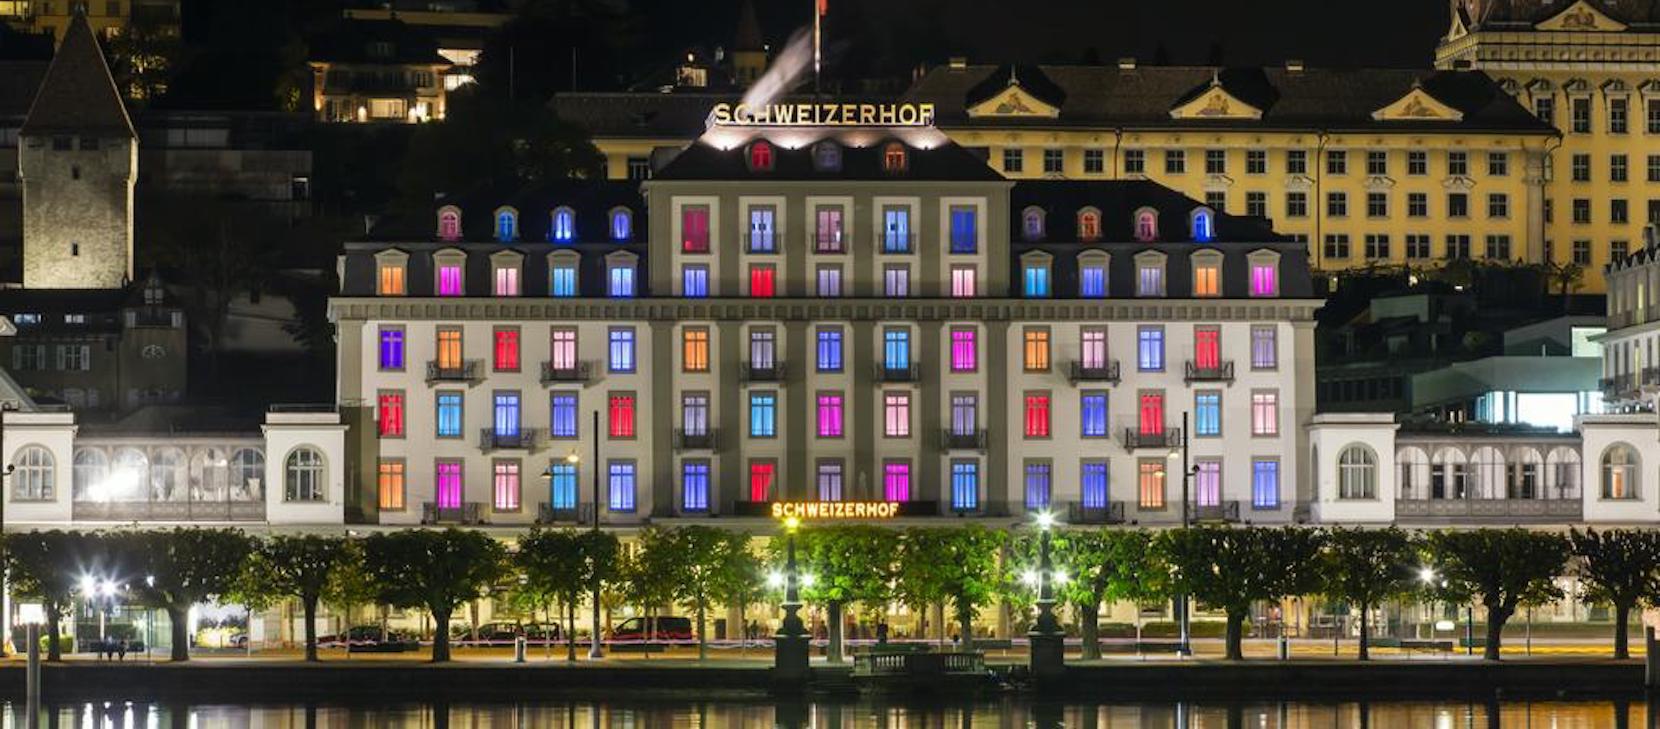 Hotel Schweizerhof Lucerne / Switzerland